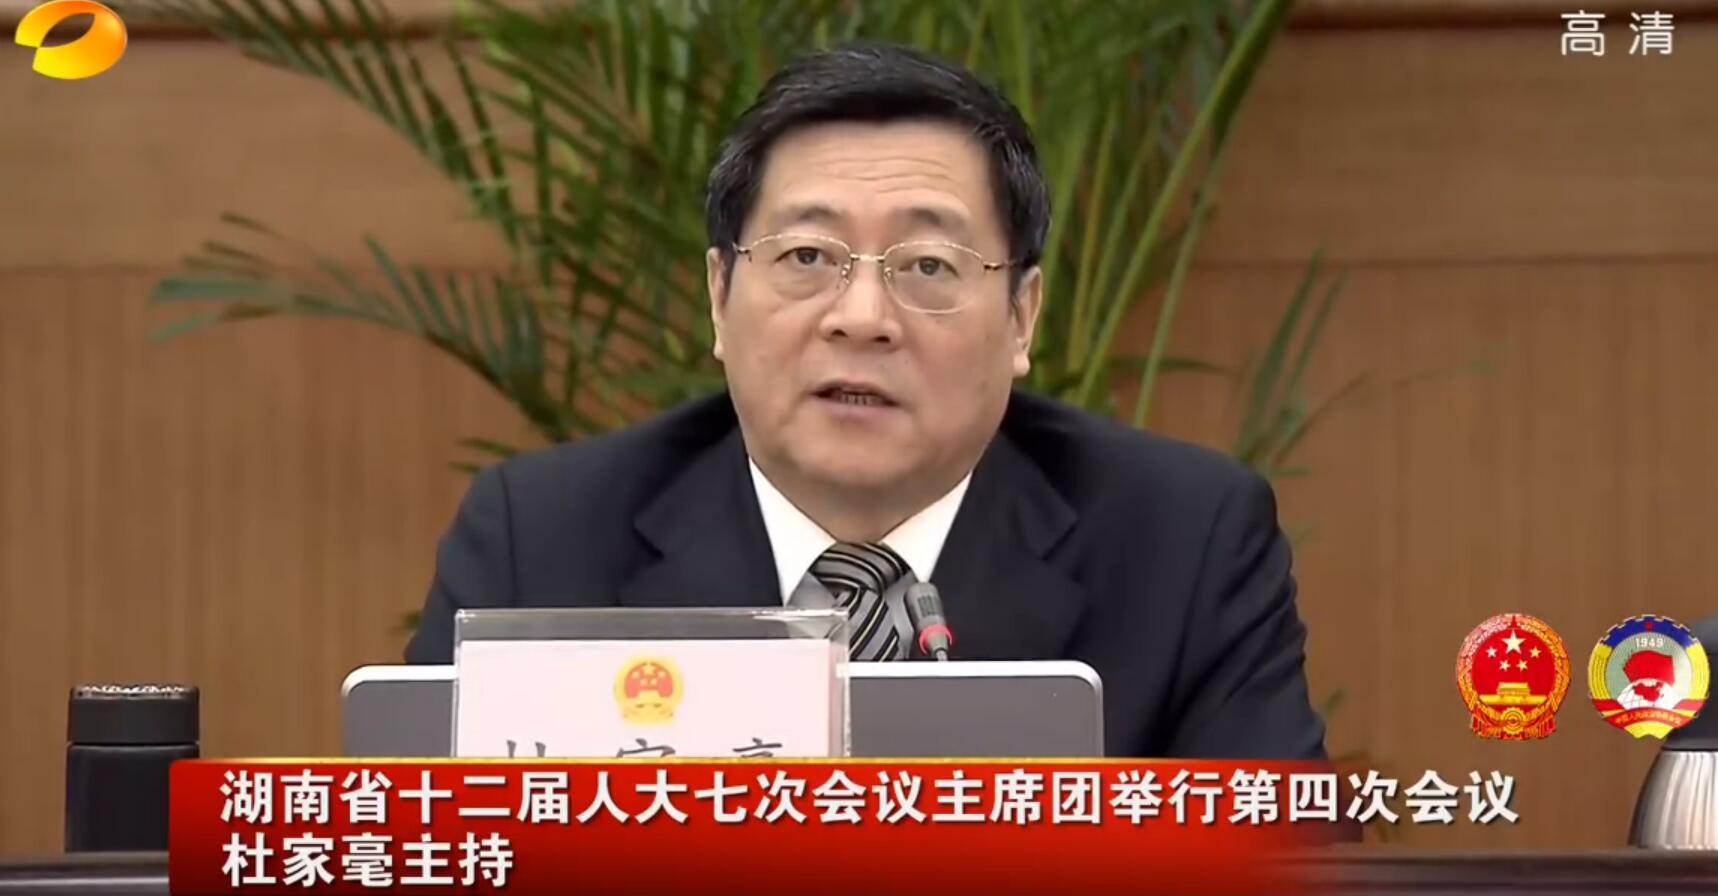 湖南省十二届人大七次会议主席团举行第四次会议 杜家毫主持